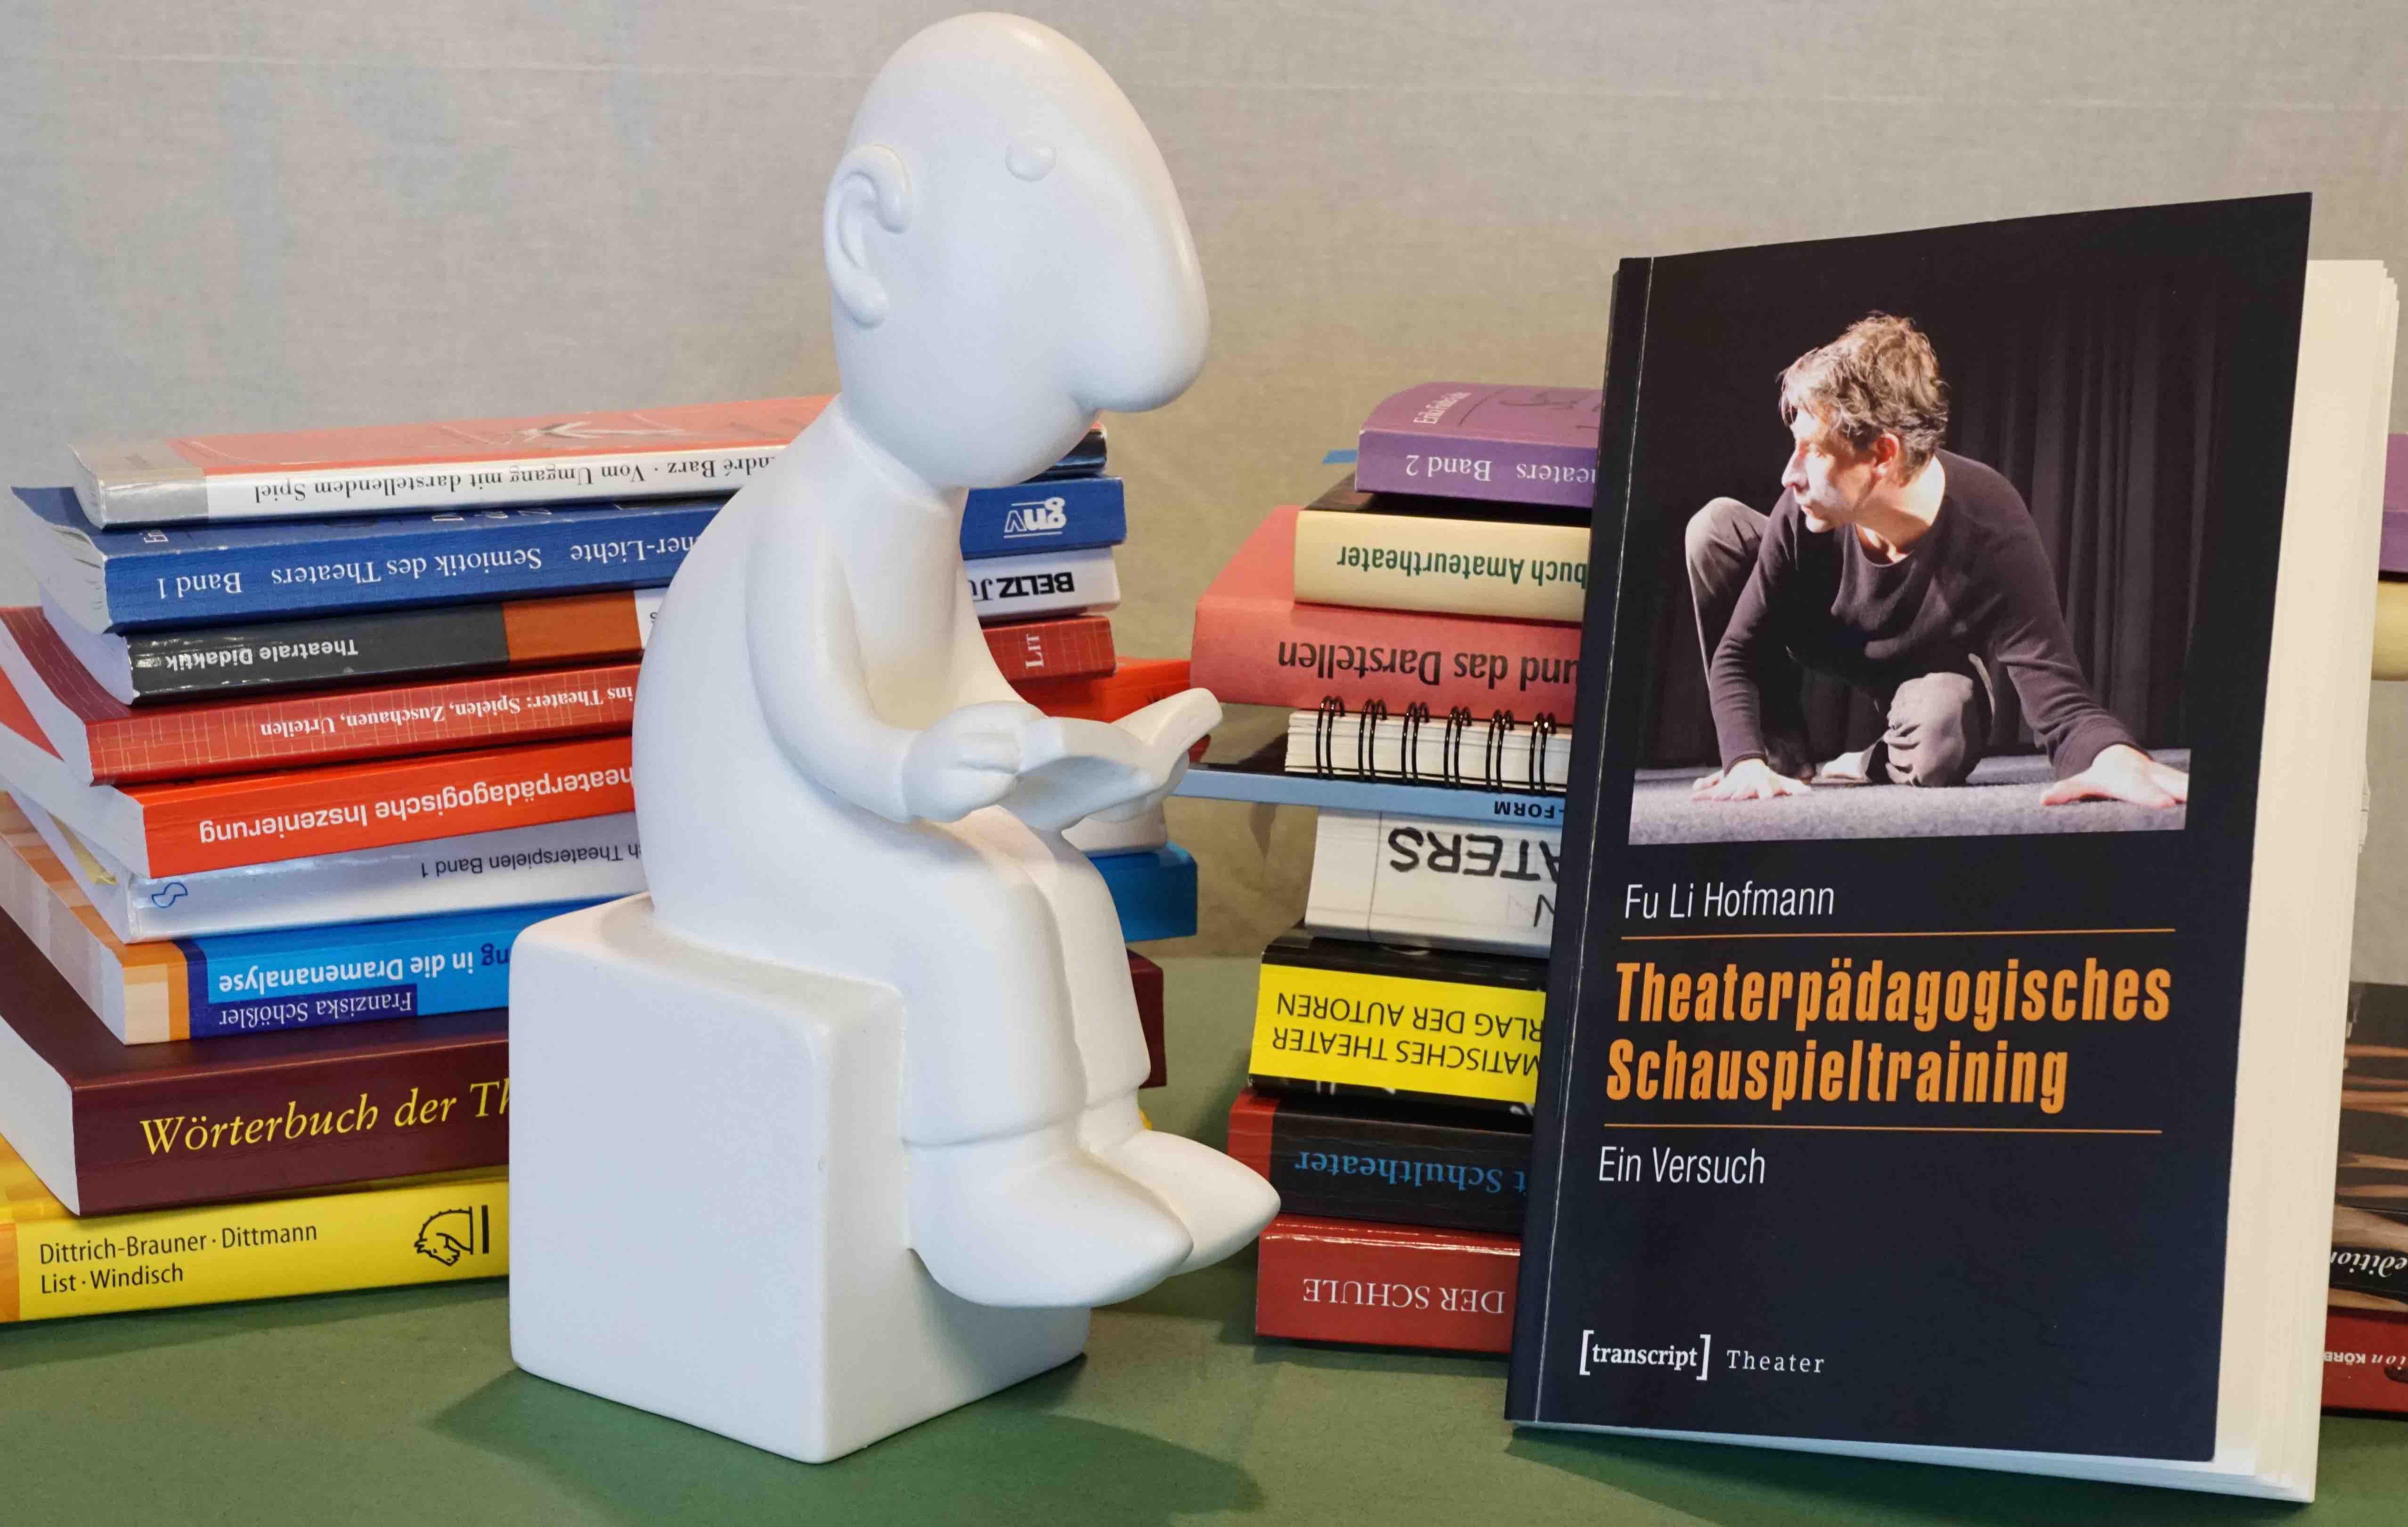 Hofmann 2015: Theaterpädagogisches Schauspieltraining – Rezension